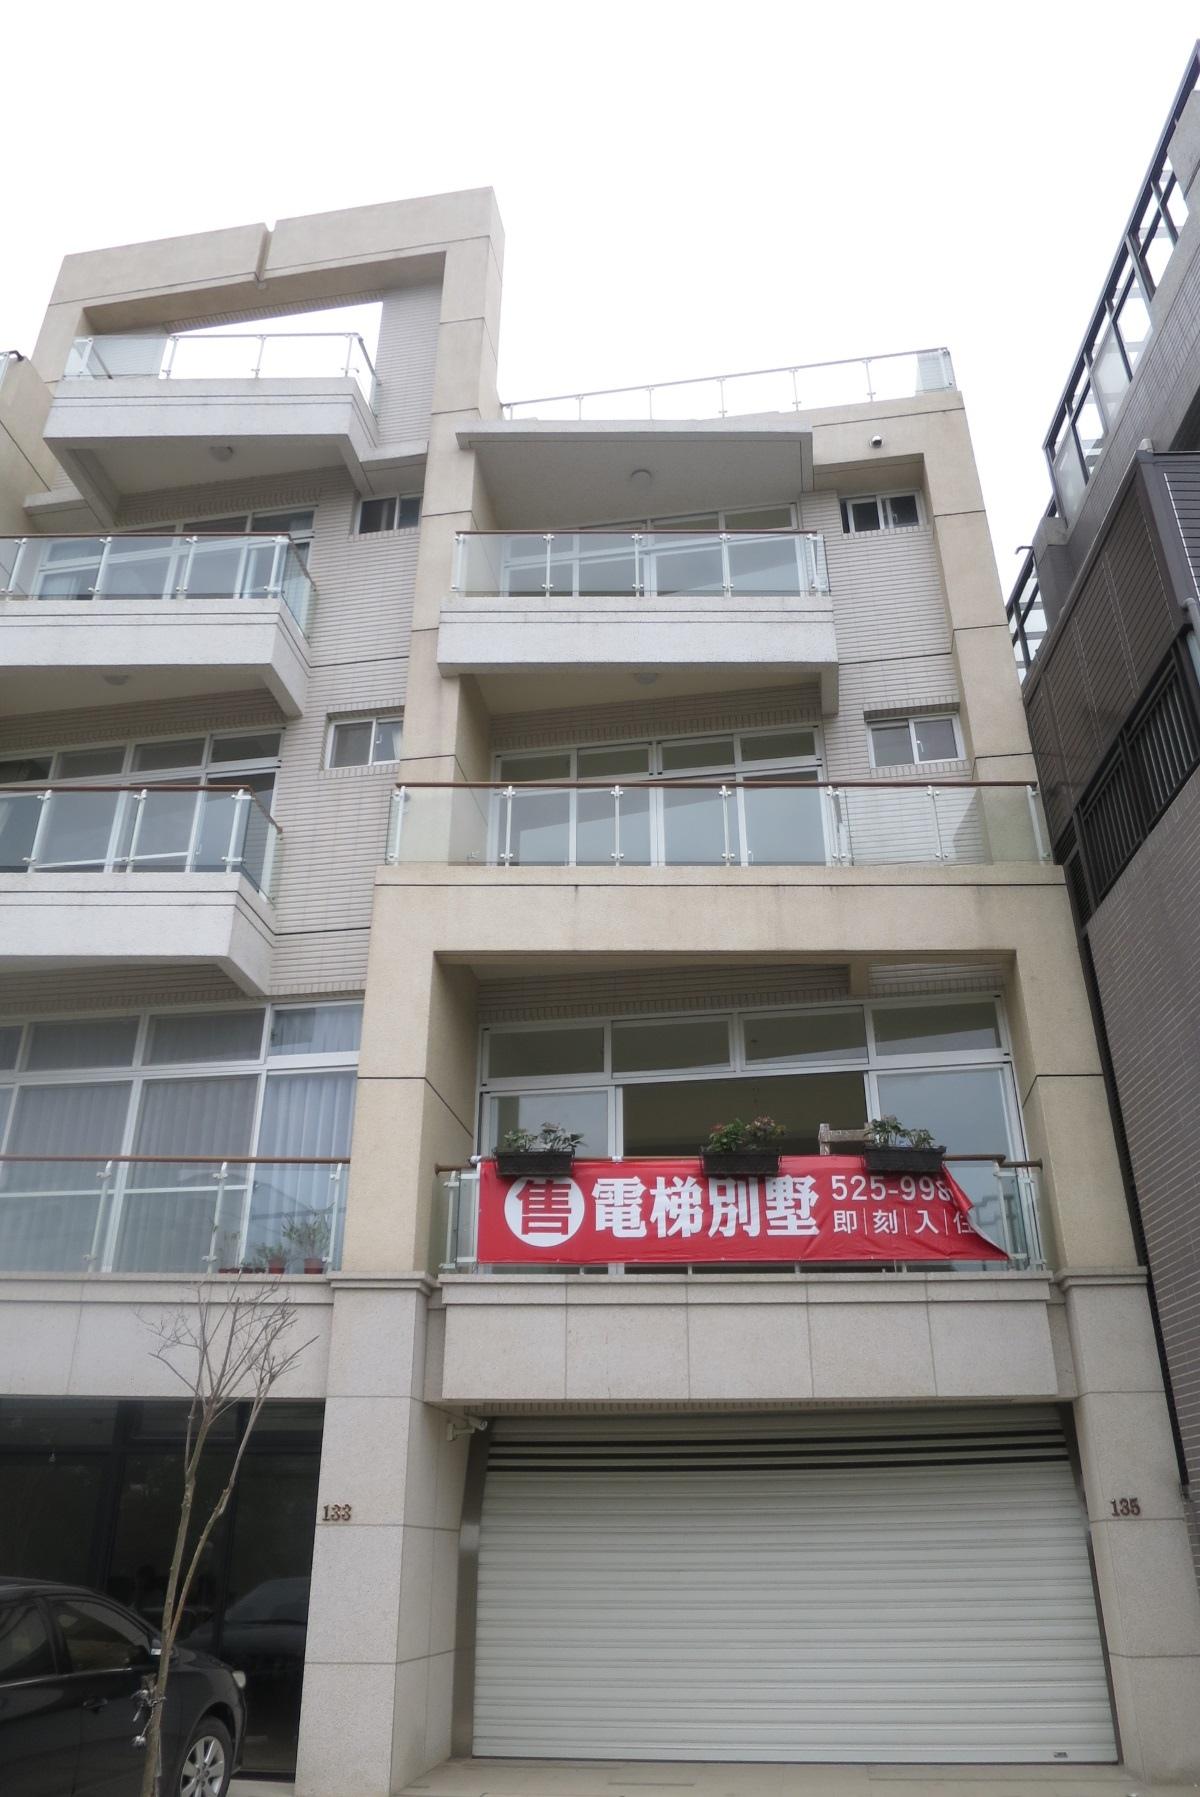 [田野踏查]南勢重劃區 20170424-17.JPG